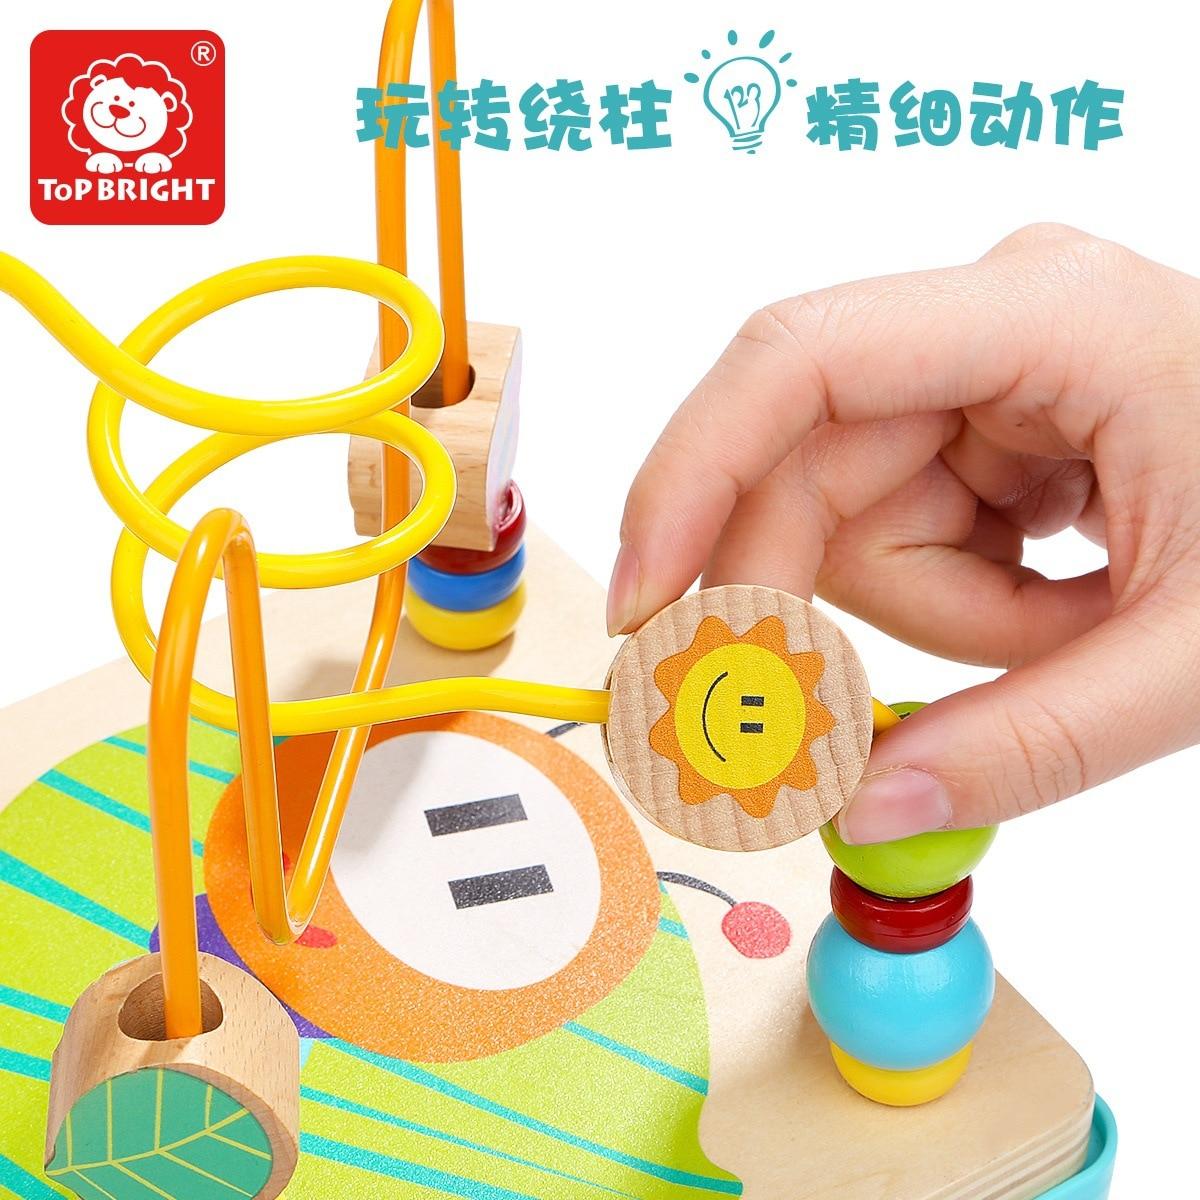 Special Infant Bead-stringing Toy Educational Unisex Aged 1-2 Years Bead-stringing Toy Treasure Chest Unisex Boa Unisex 1-Year-O